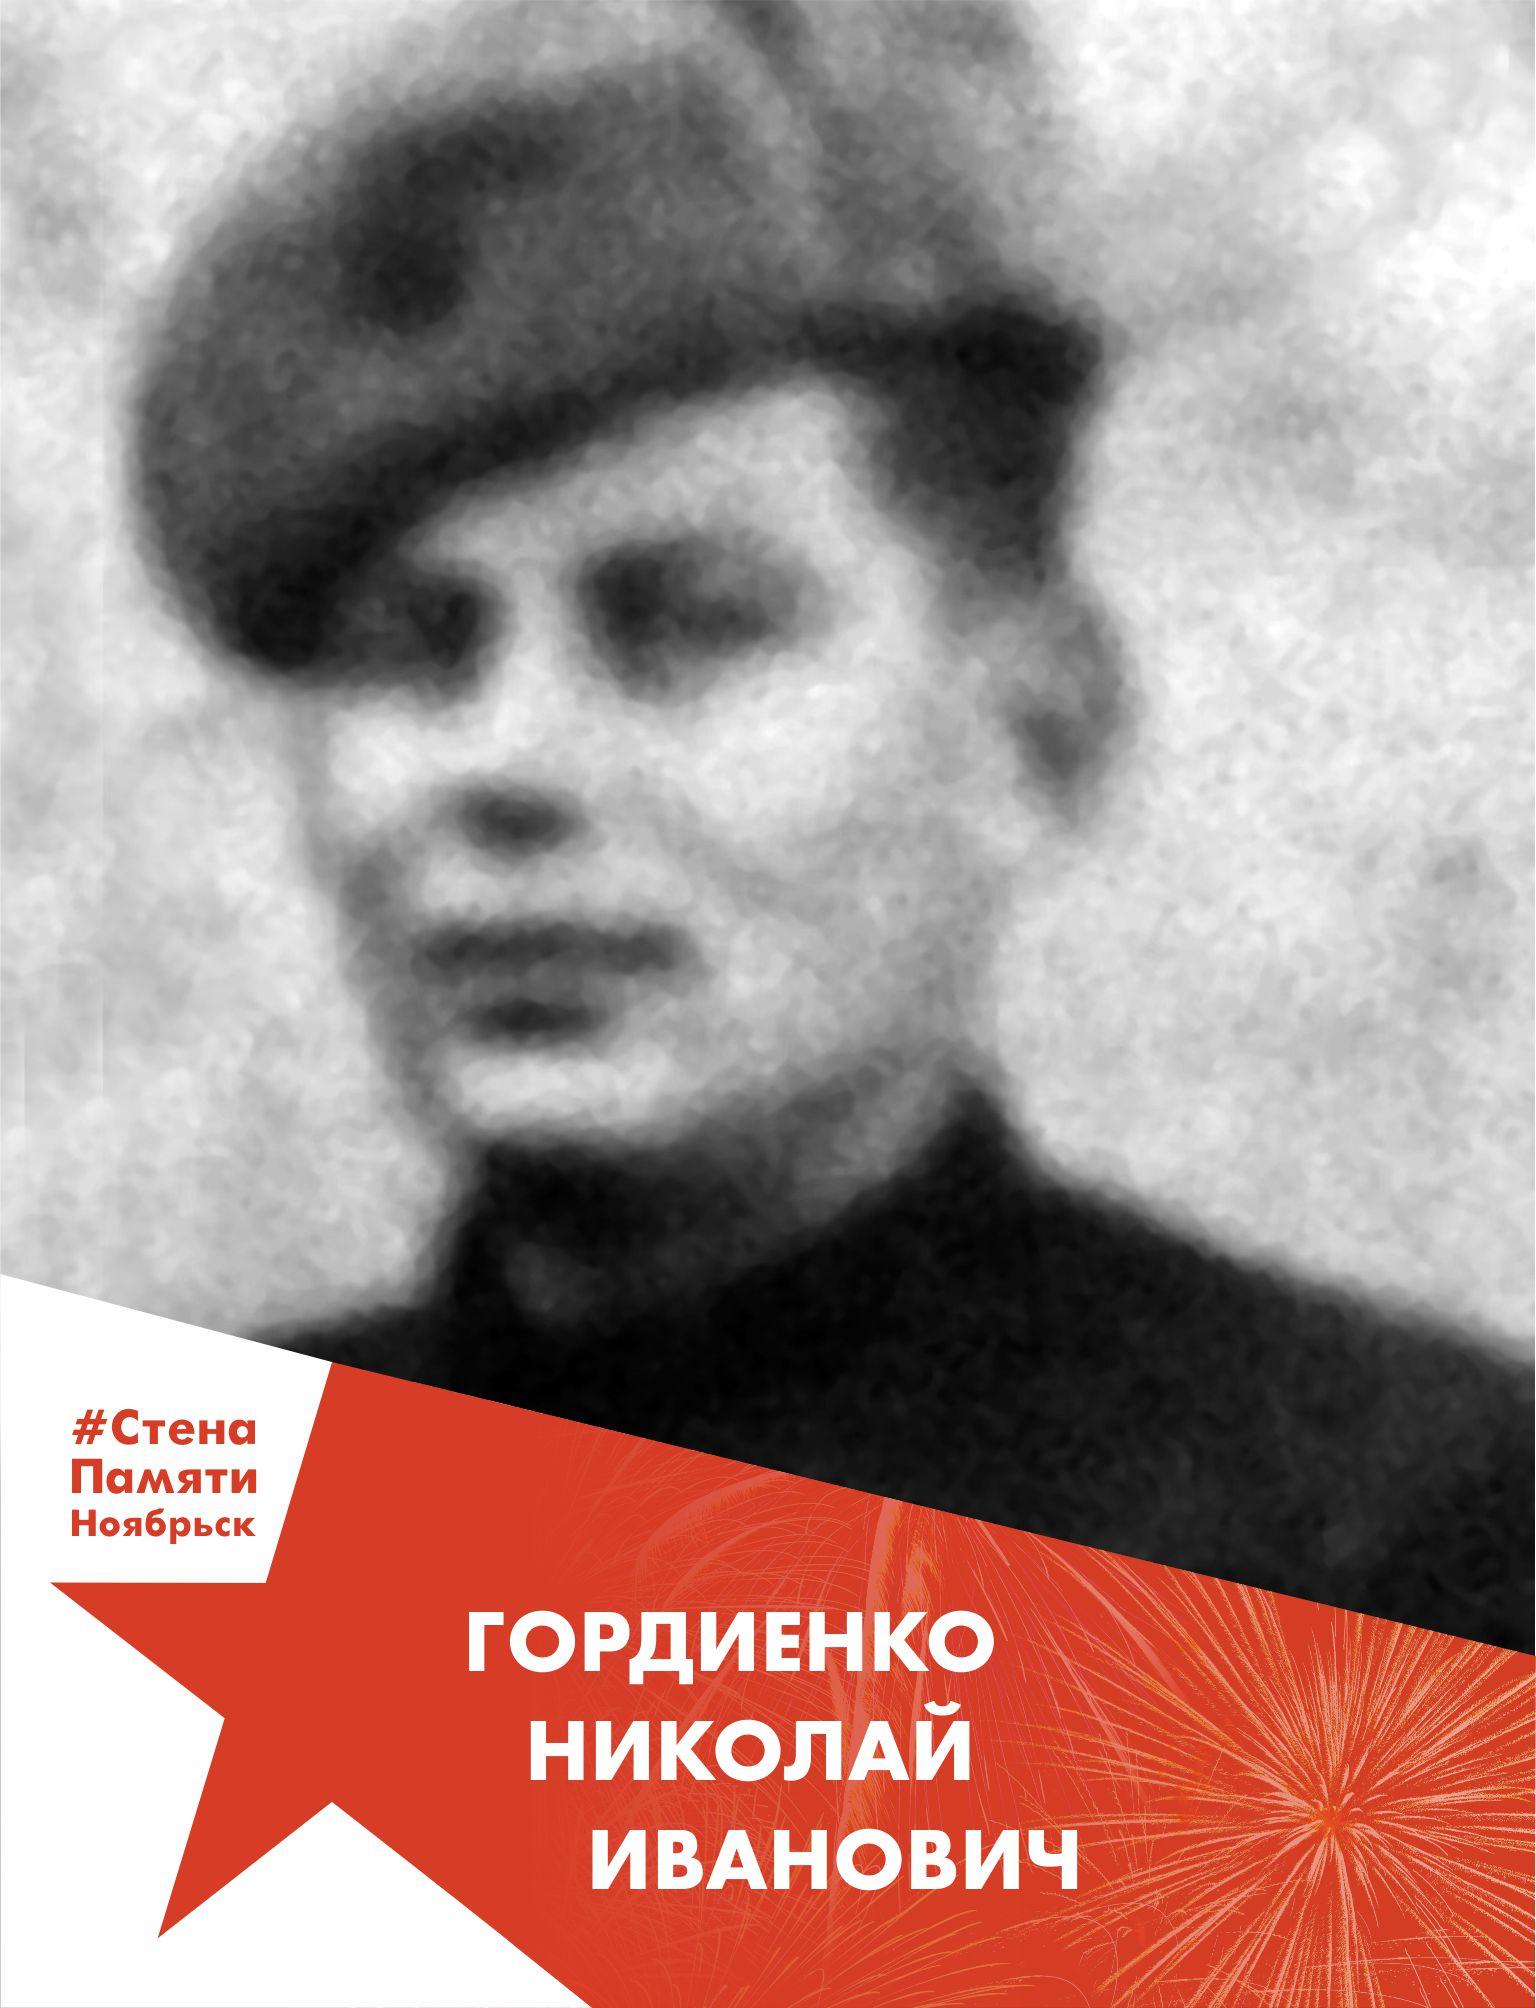 Гордиенко Николай Иванович